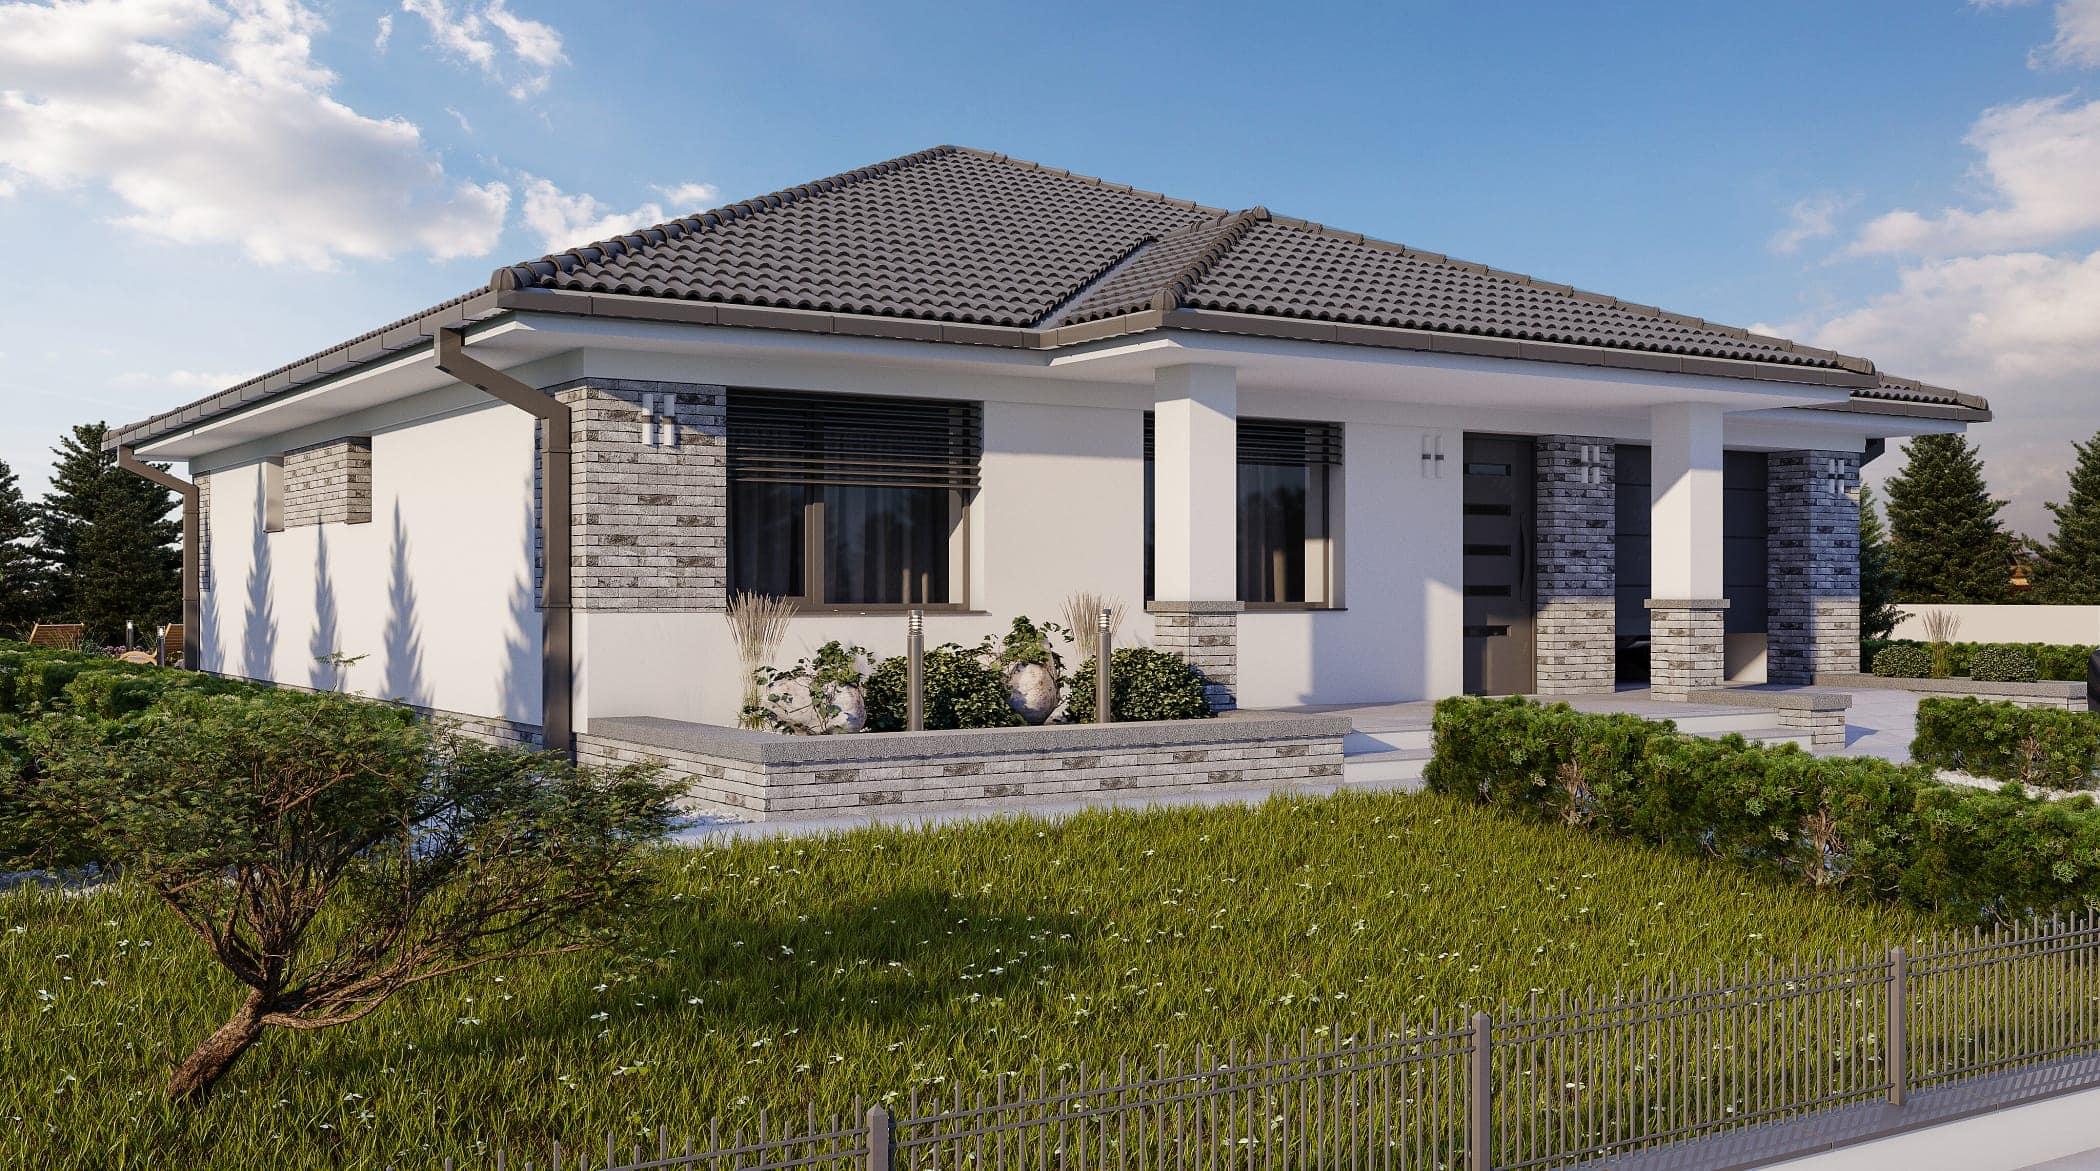 projekt rodinného domu style 229